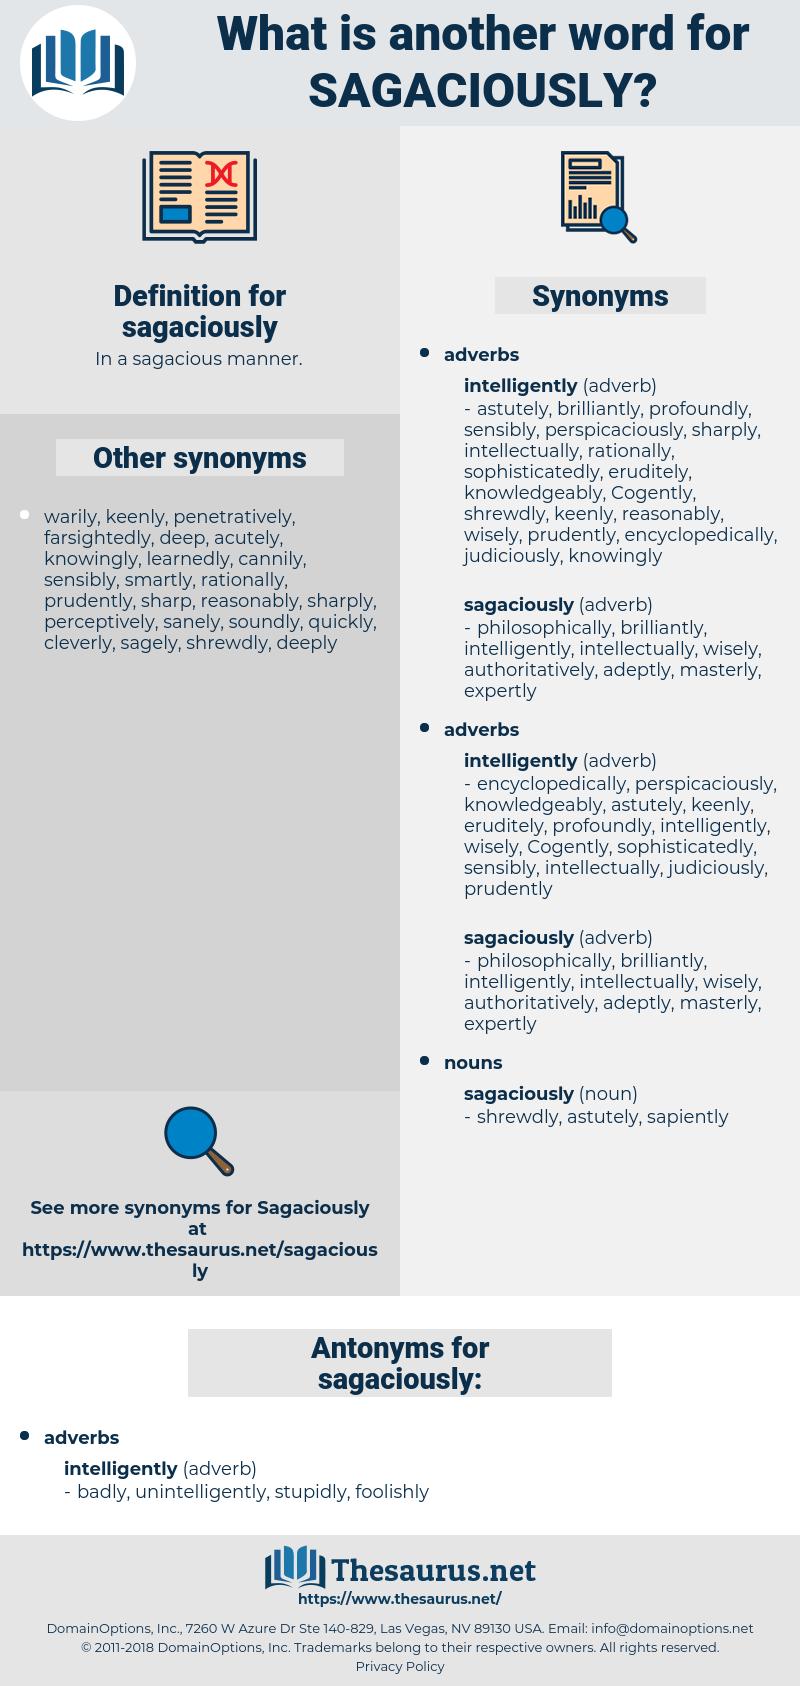 sagaciously, synonym sagaciously, another word for sagaciously, words like sagaciously, thesaurus sagaciously